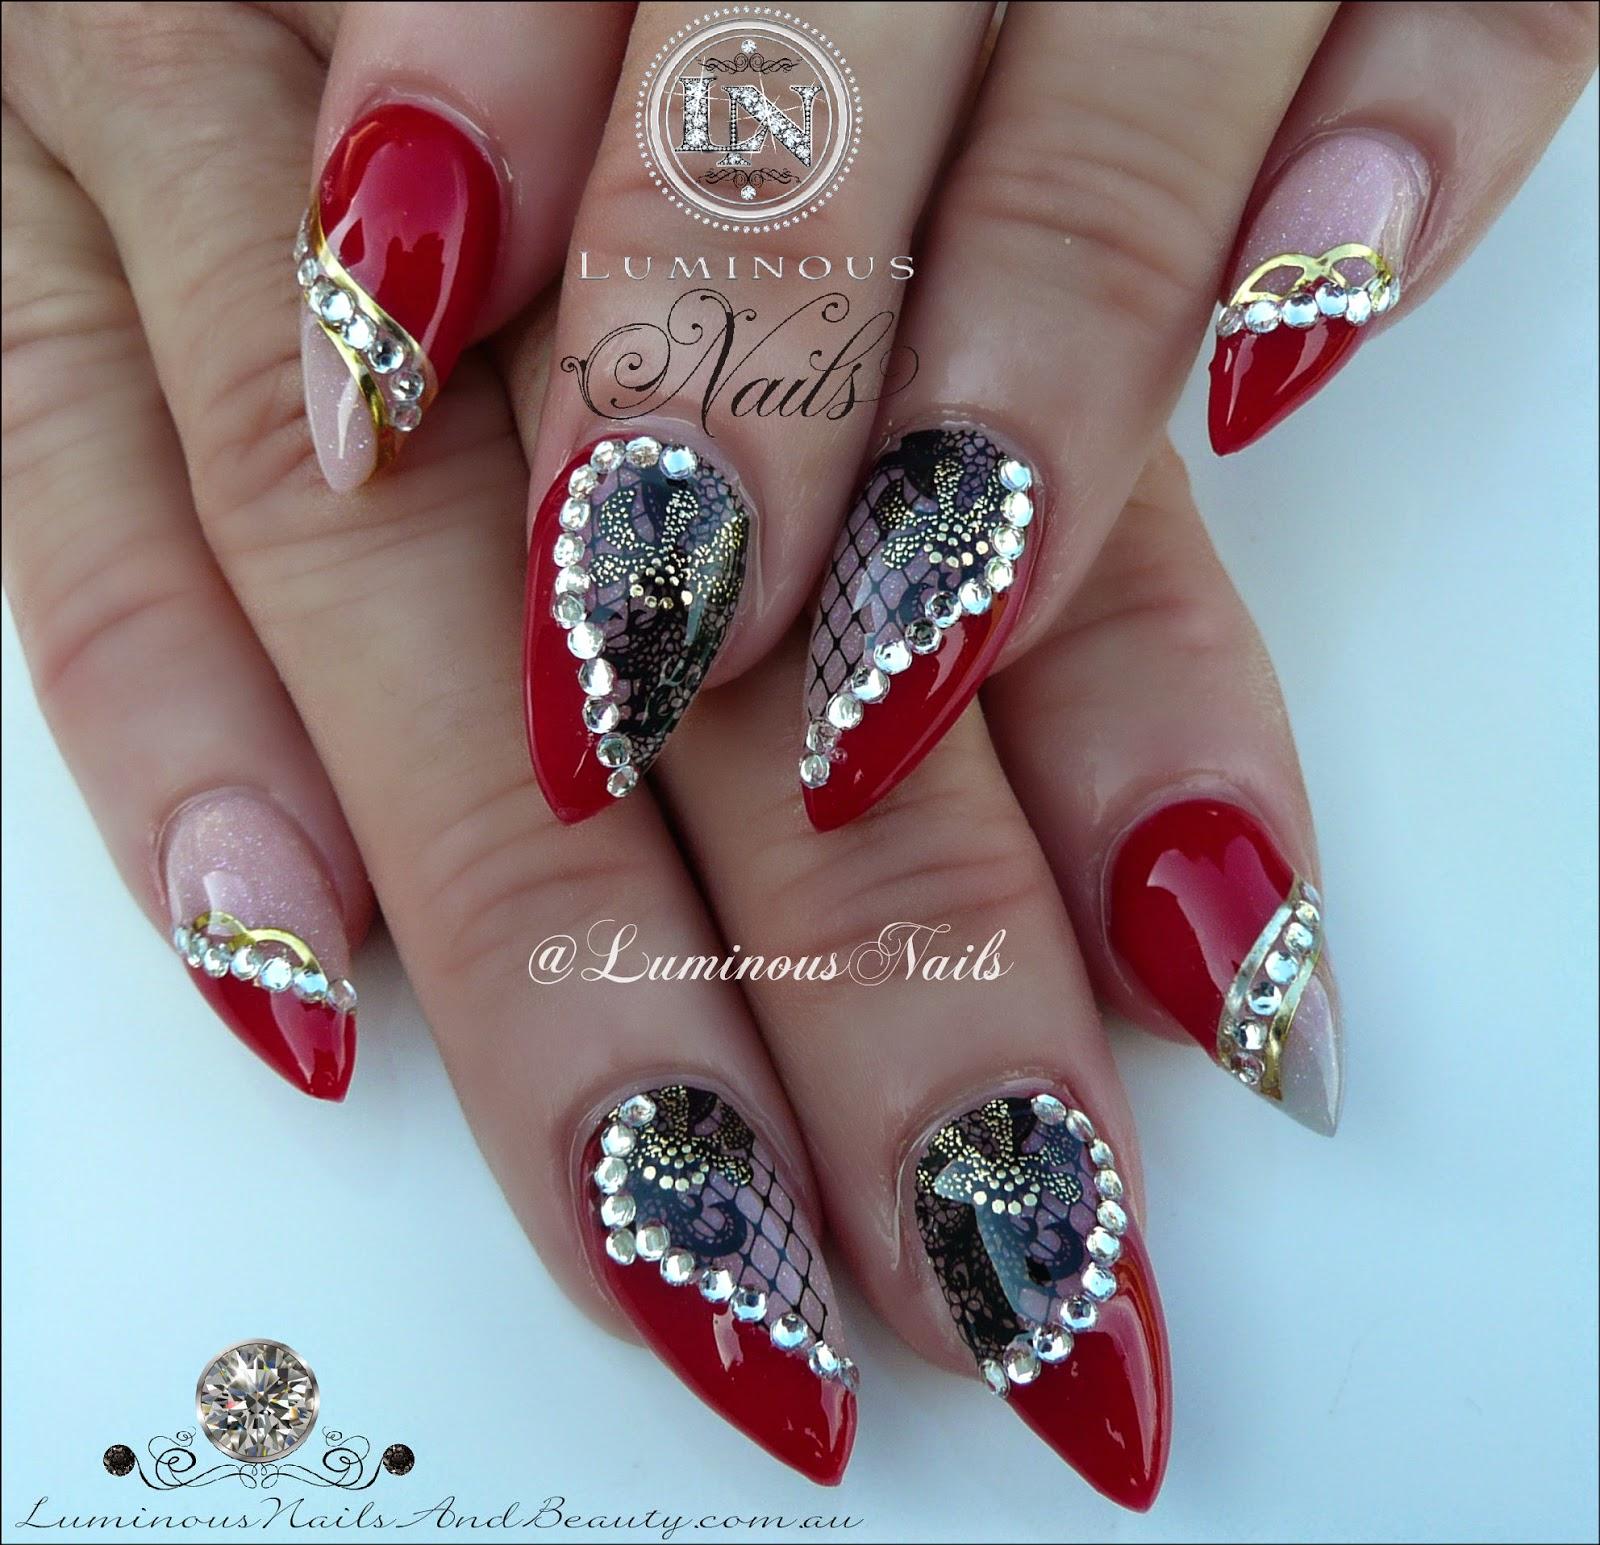 Luminous Nails: Red, Black & Gold Nails